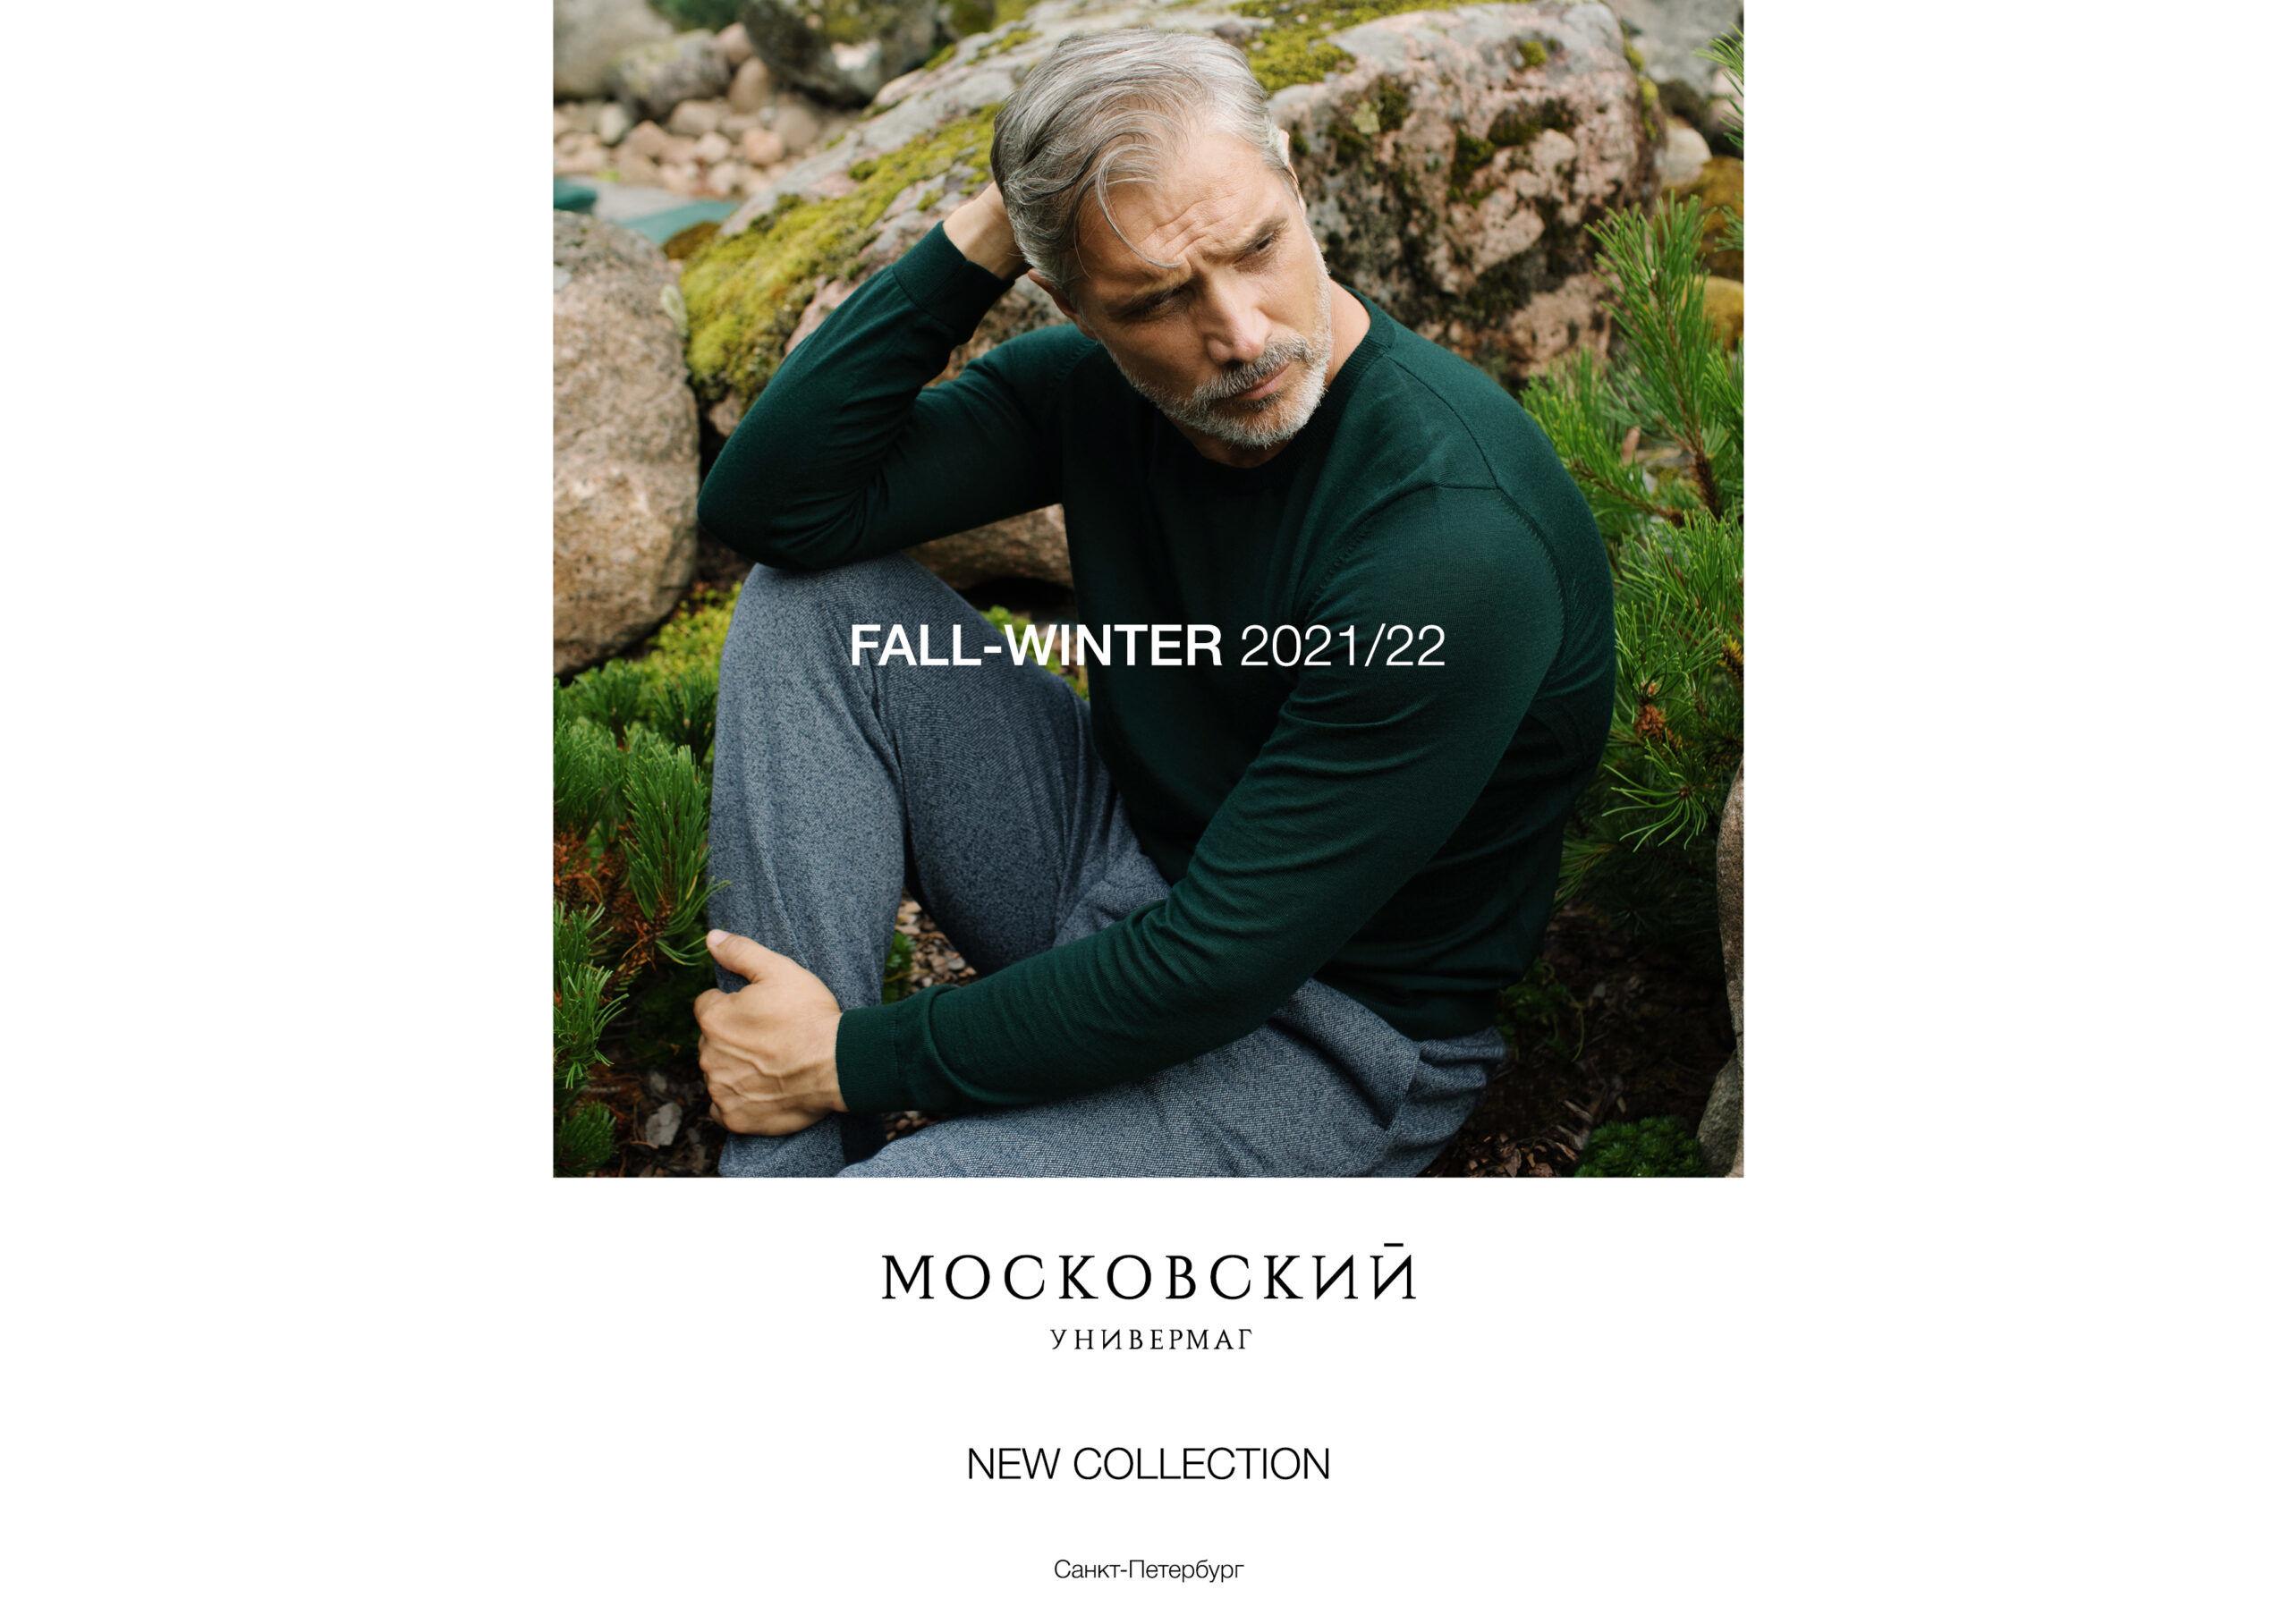 Московский каталог обложка2